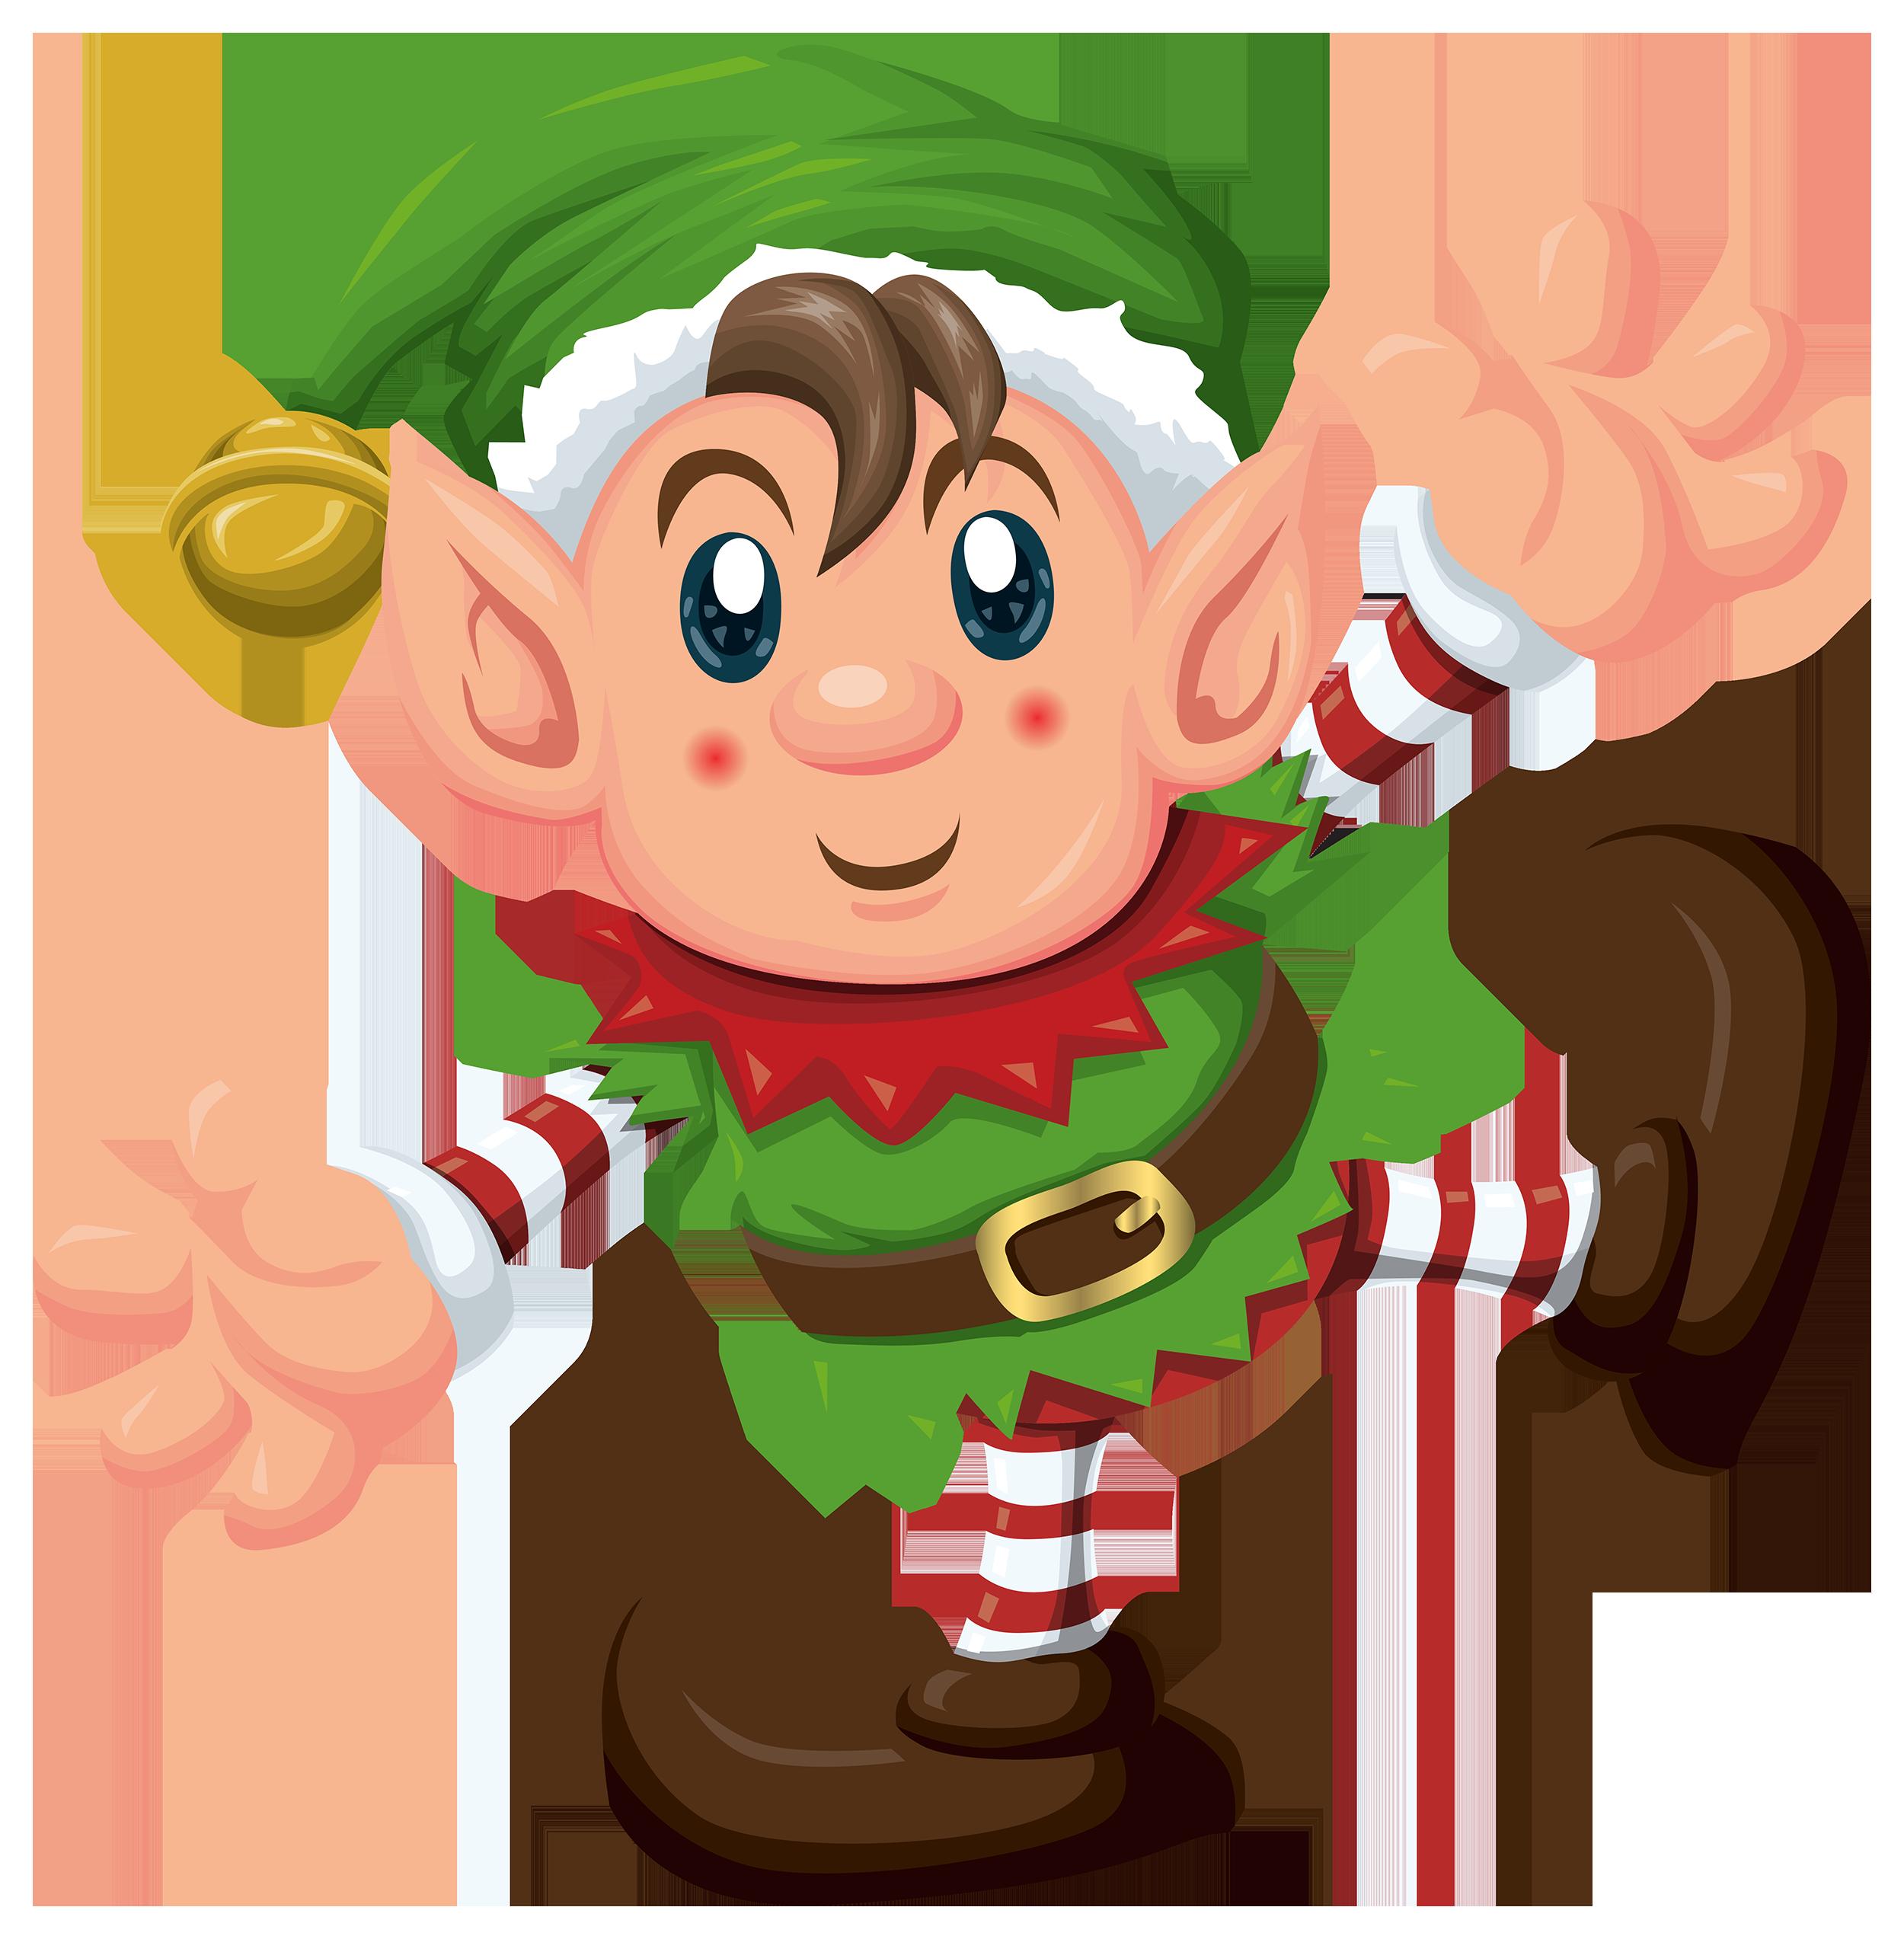 Cute Elf PNG Clipart Elf clipart, Christmas elf, Elf cartoon